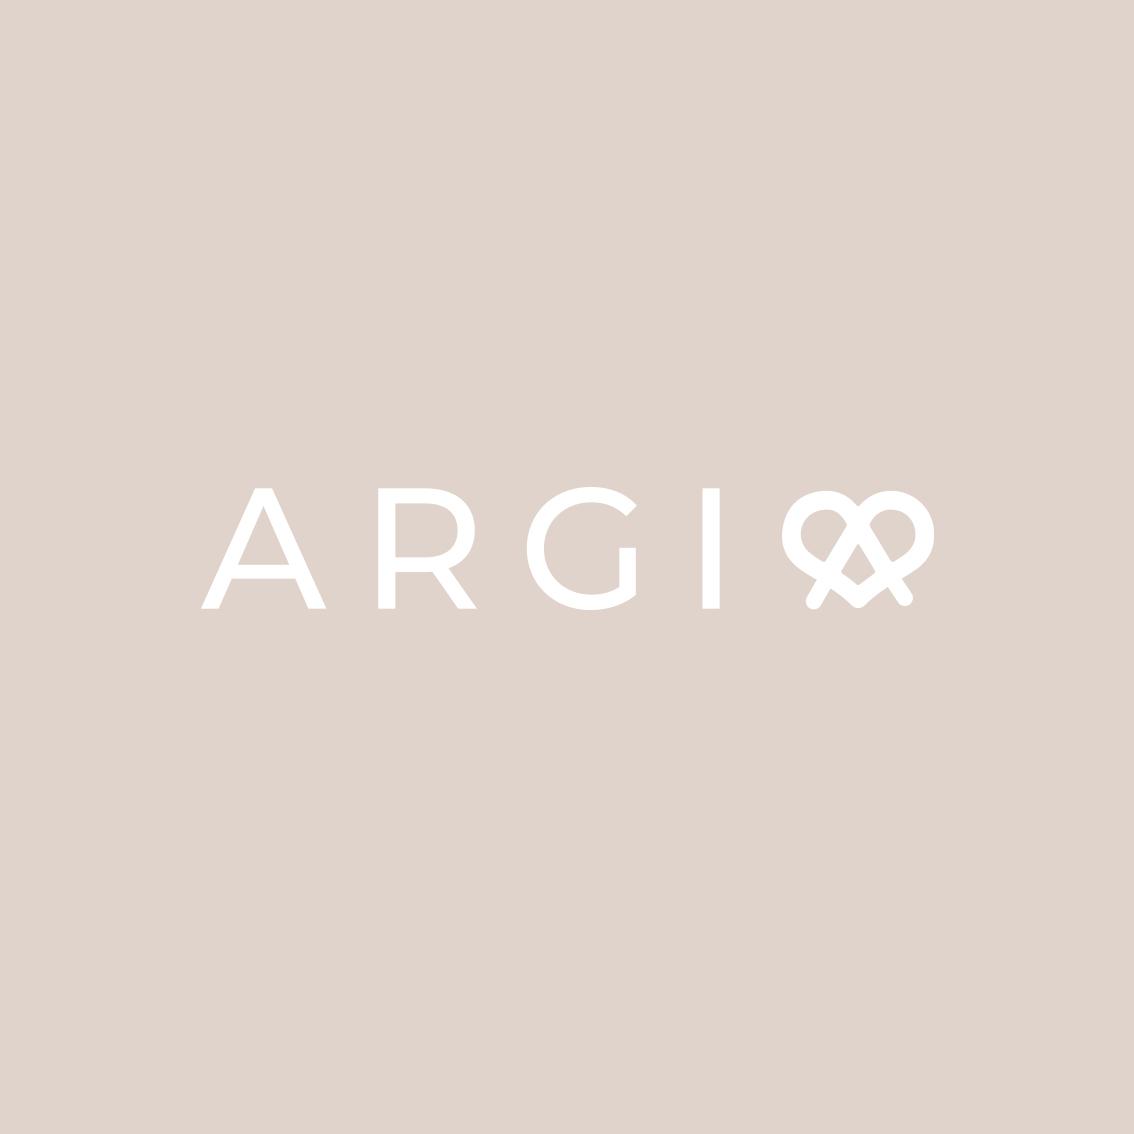 Argio-Logo-plain.jpg